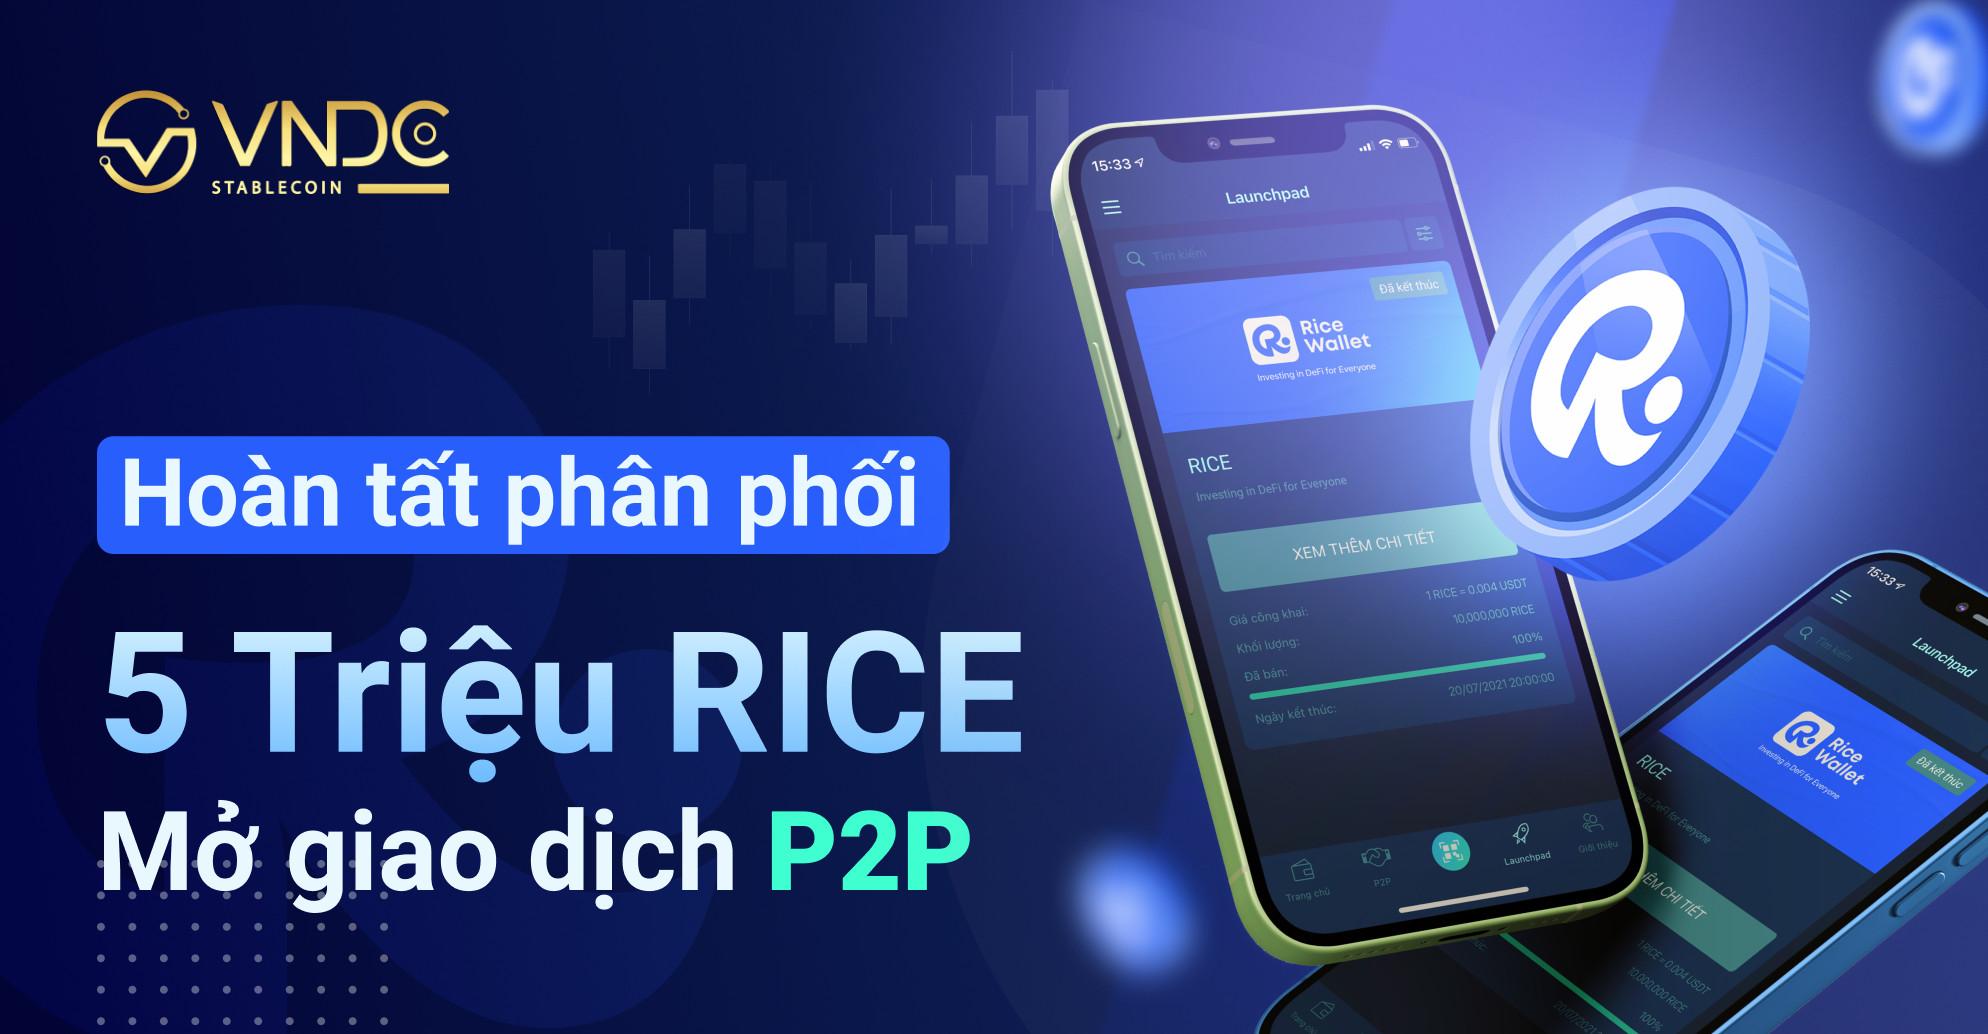 Hoàn tất phân phối 5 triệu RICE sau 1 phút, mở giao dịch P2P từ 21h hôm nay (20/07)